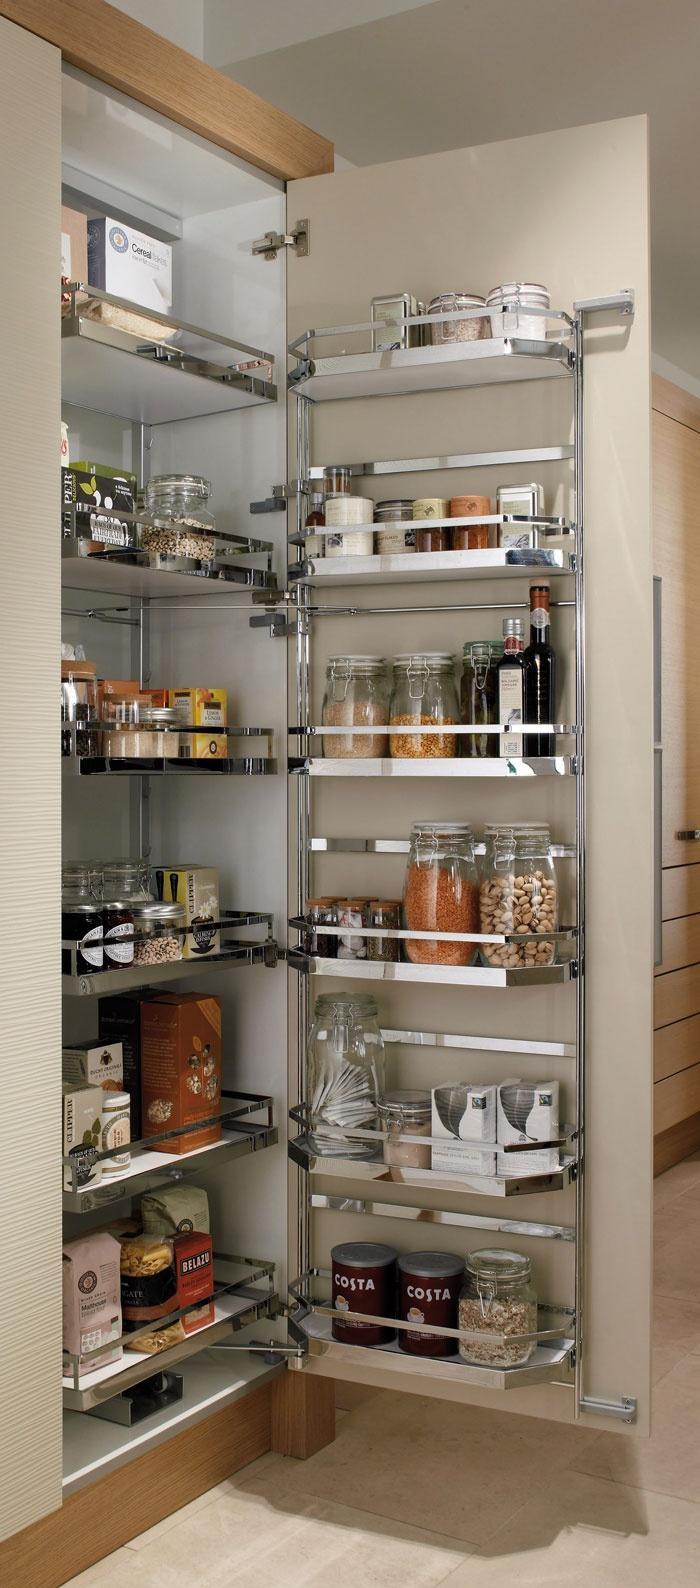 厨房收纳是考验持家高手的终极标准